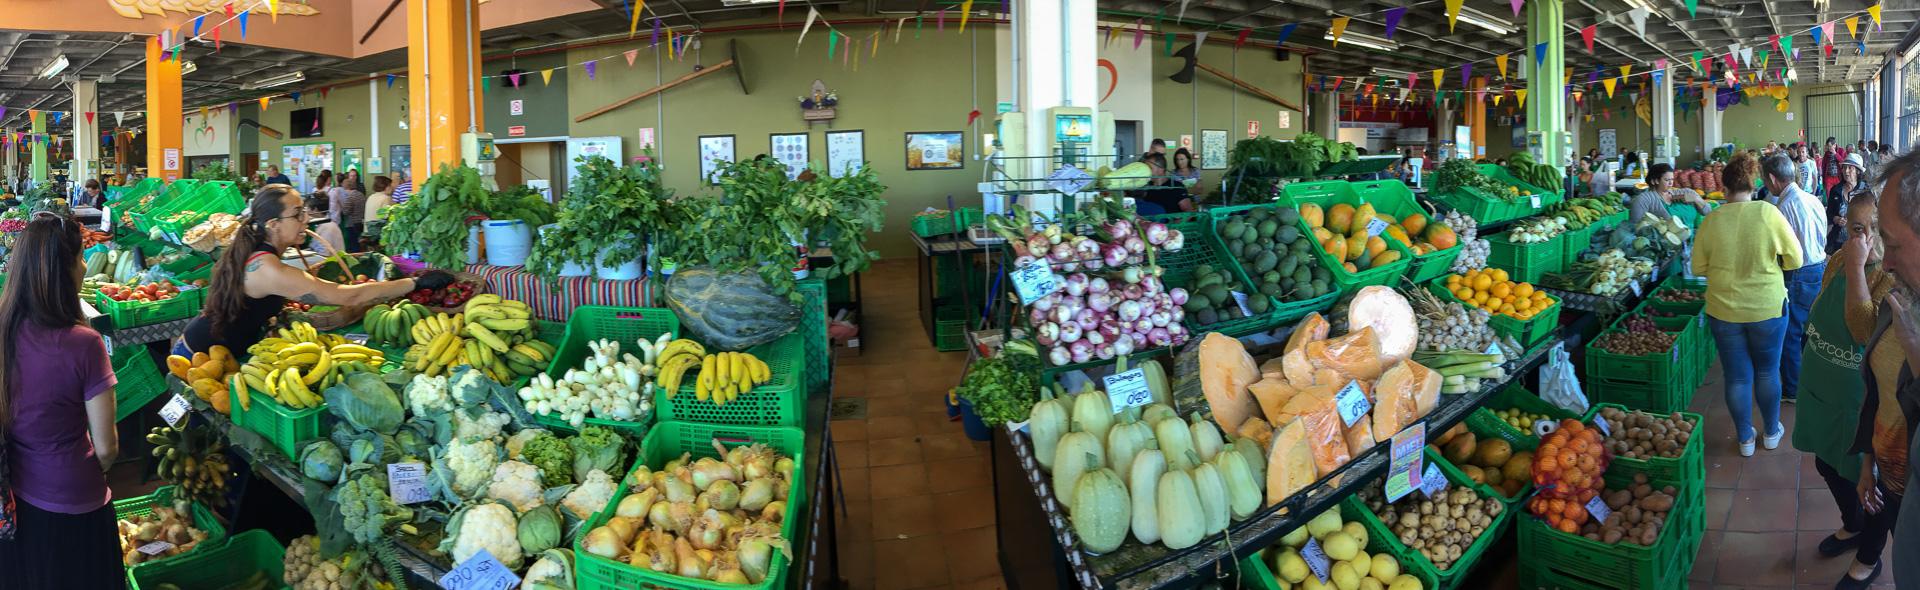 Der kanarische Bauernmarkt